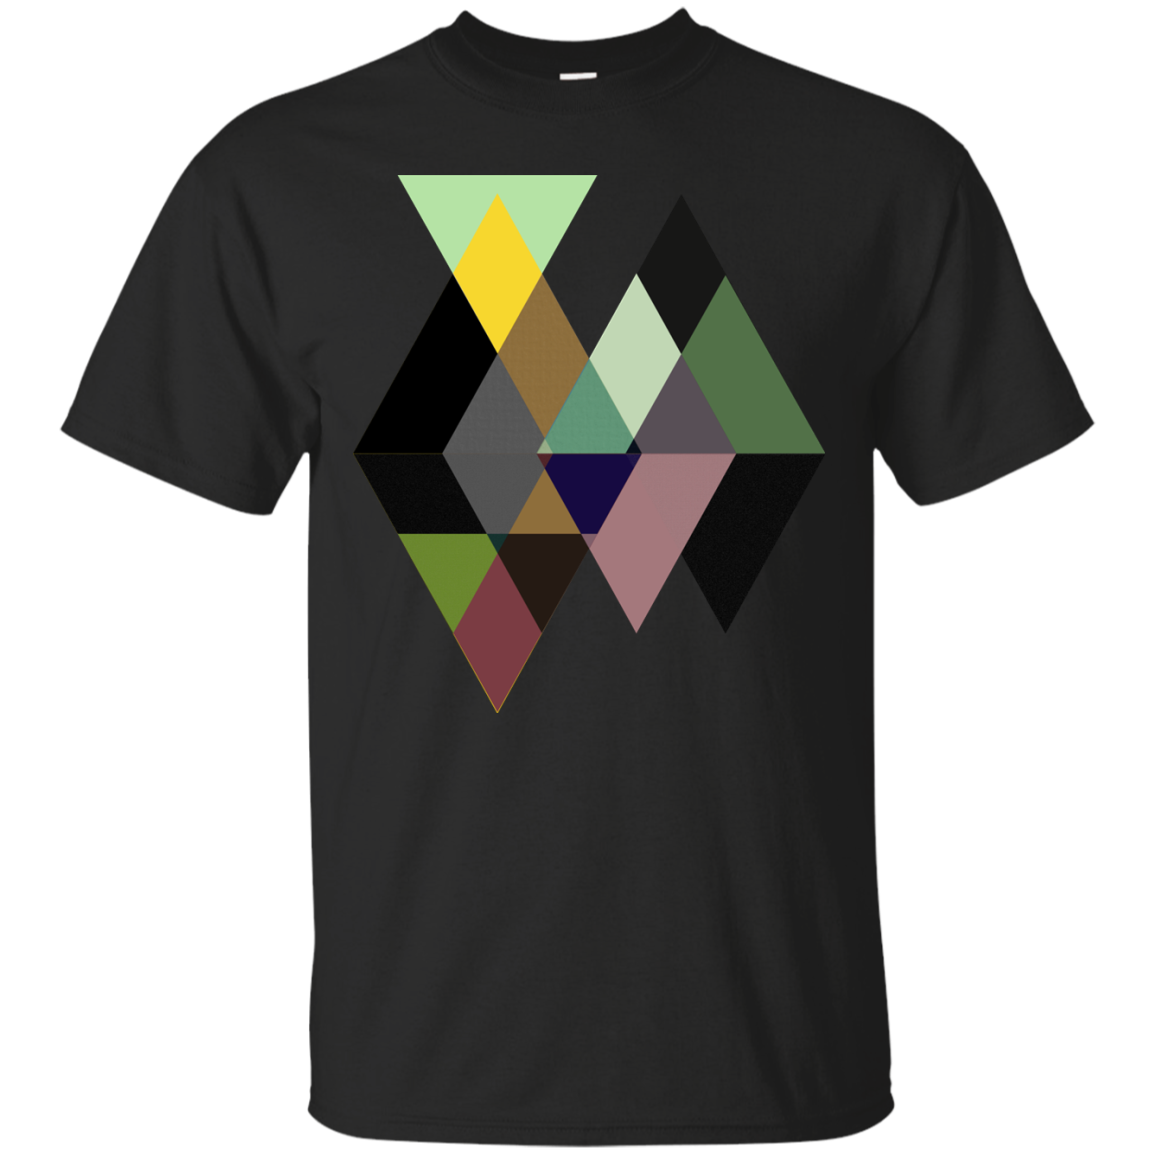 729 T Shirt